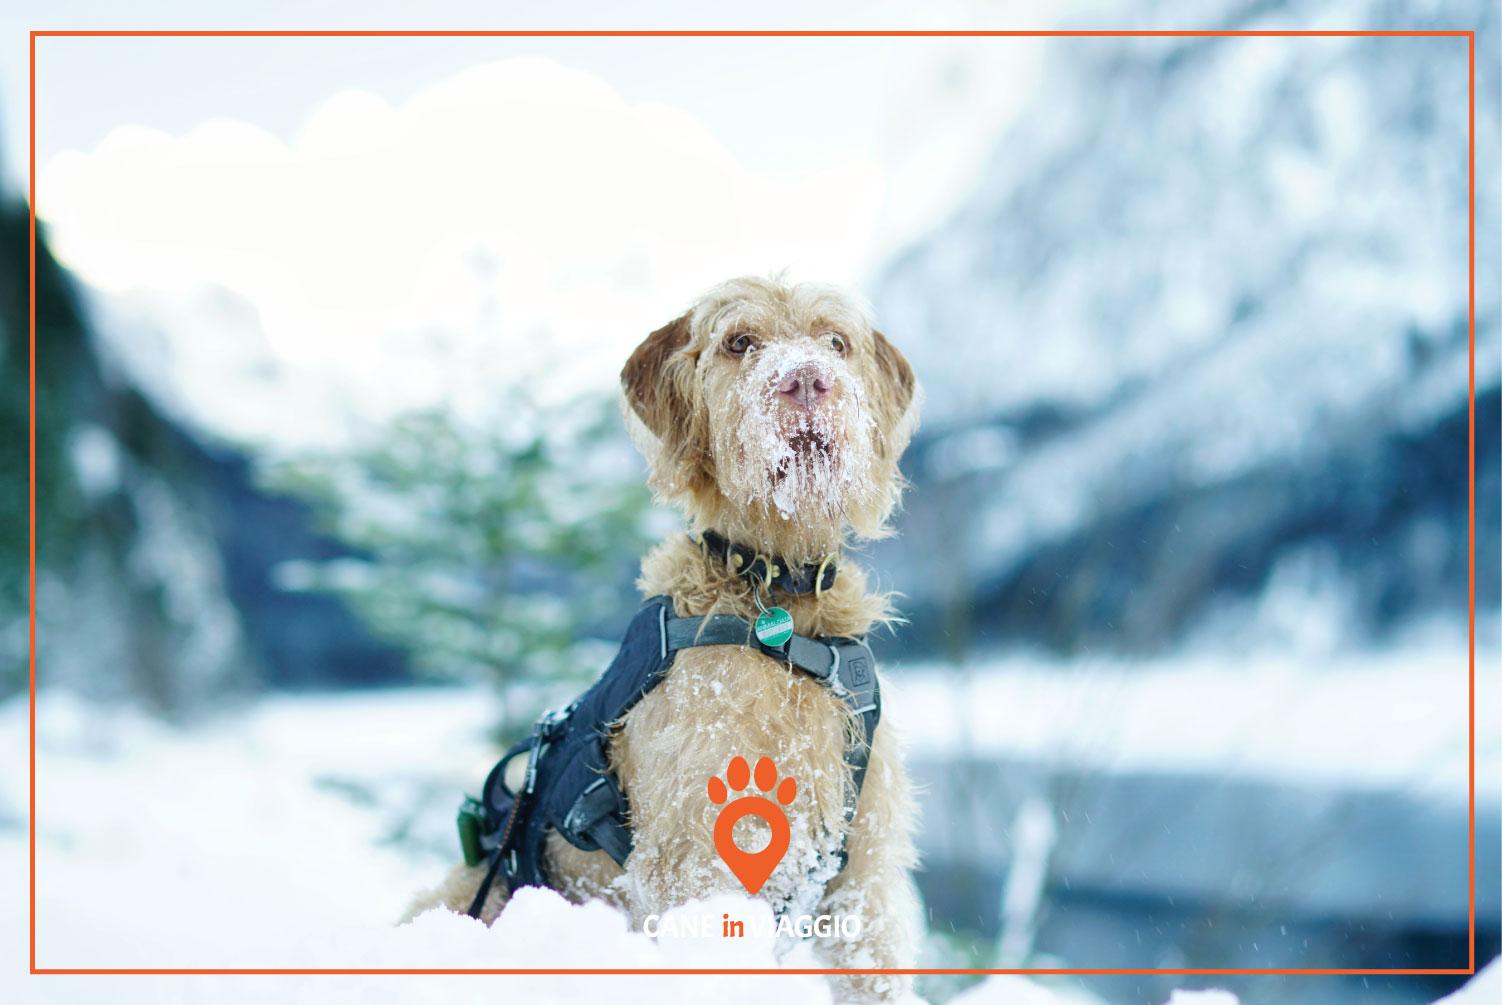 cane infreddolito sulla neve